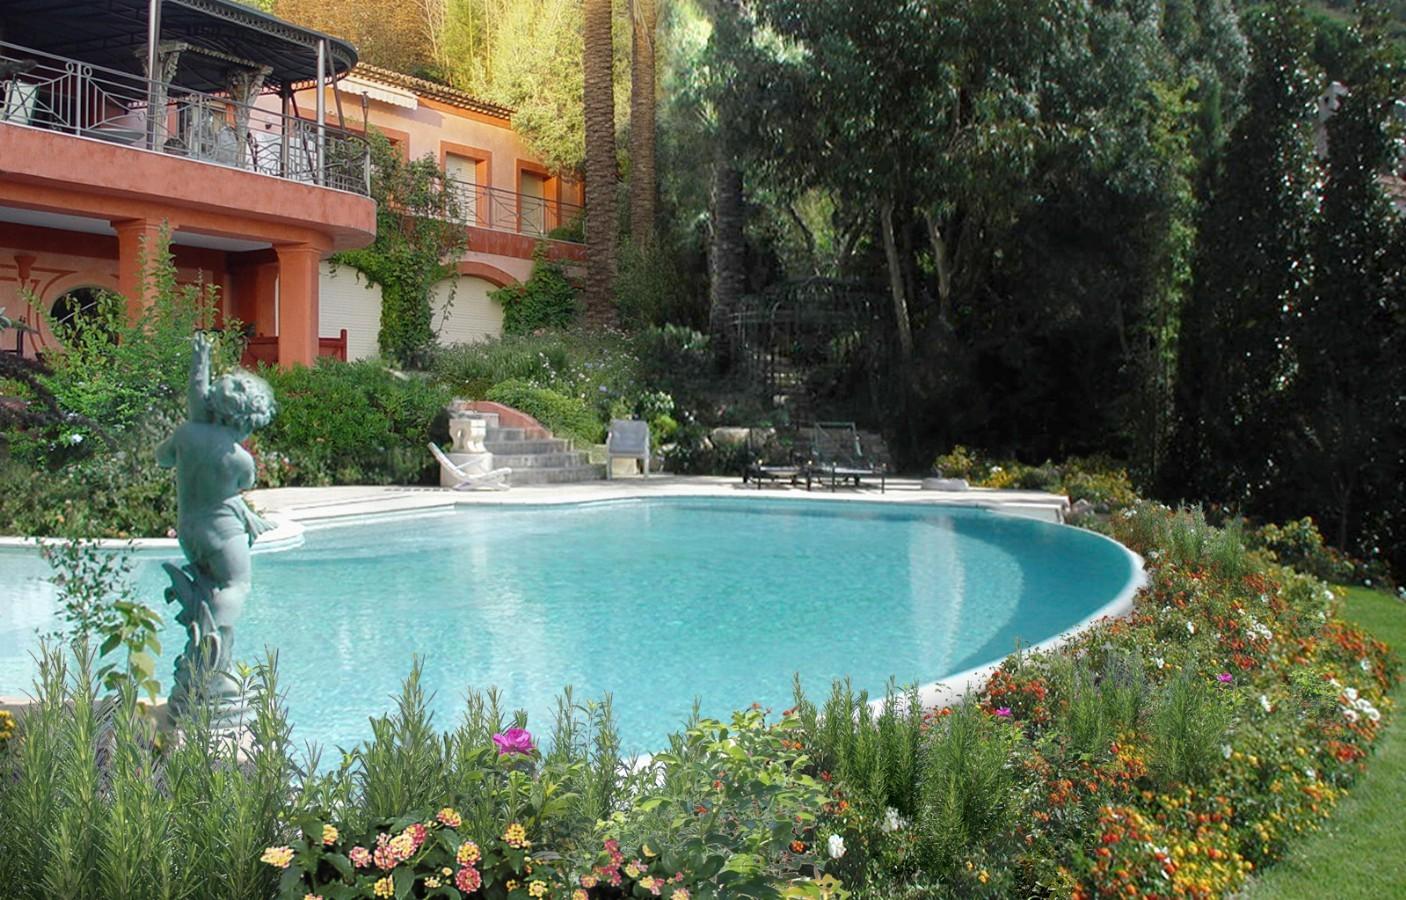 Mediterranean charm - Gardens